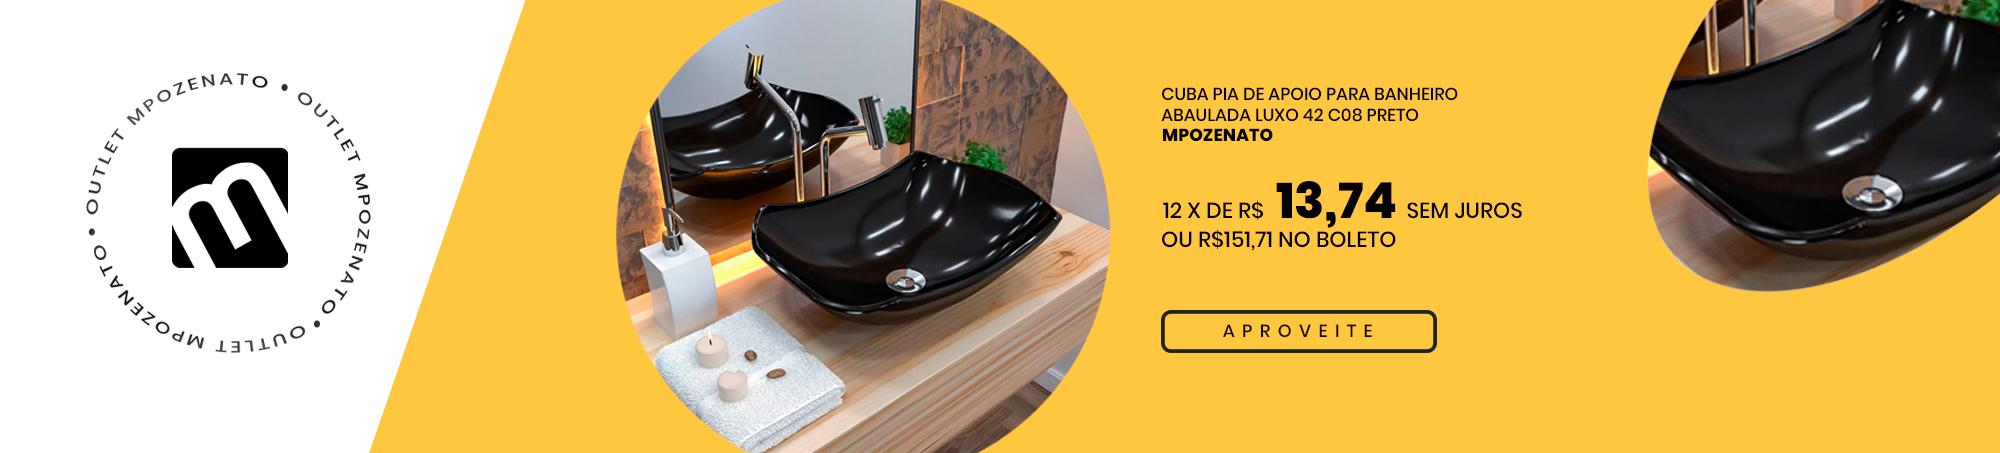 Pia Cuba